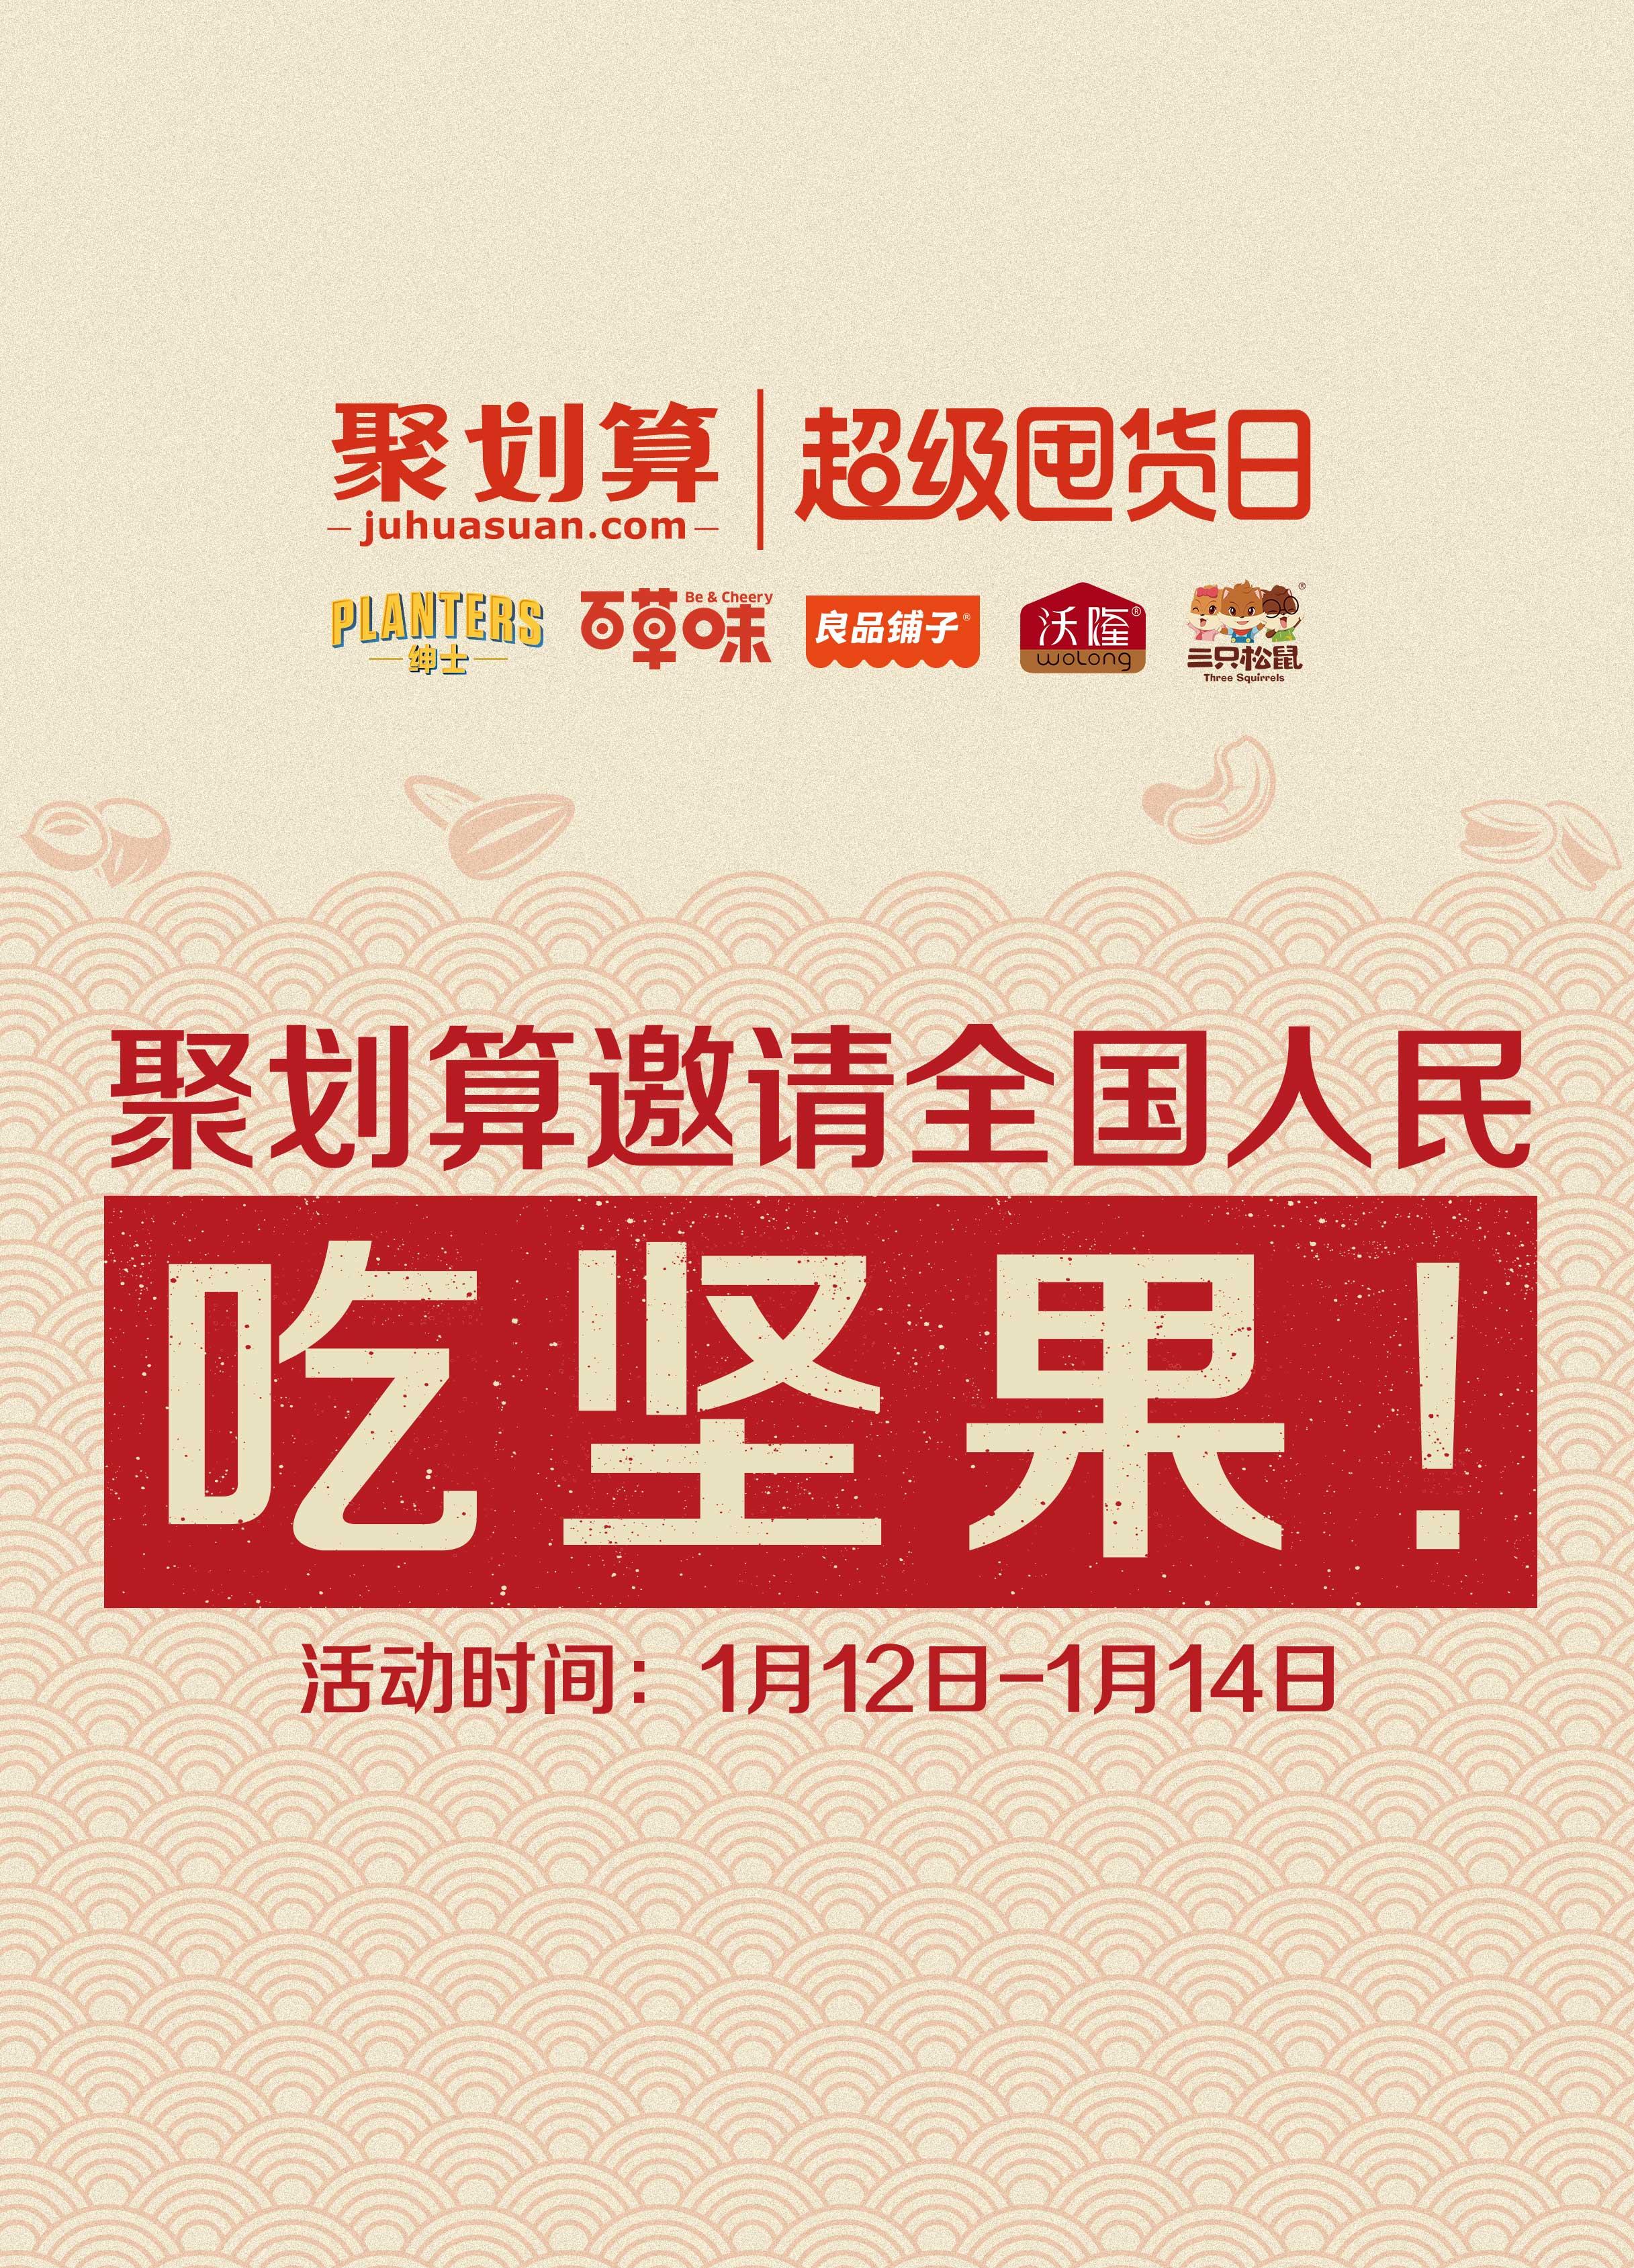 《2018开年第一波刷屏:聚划算邀请全国人民吃坚果!》